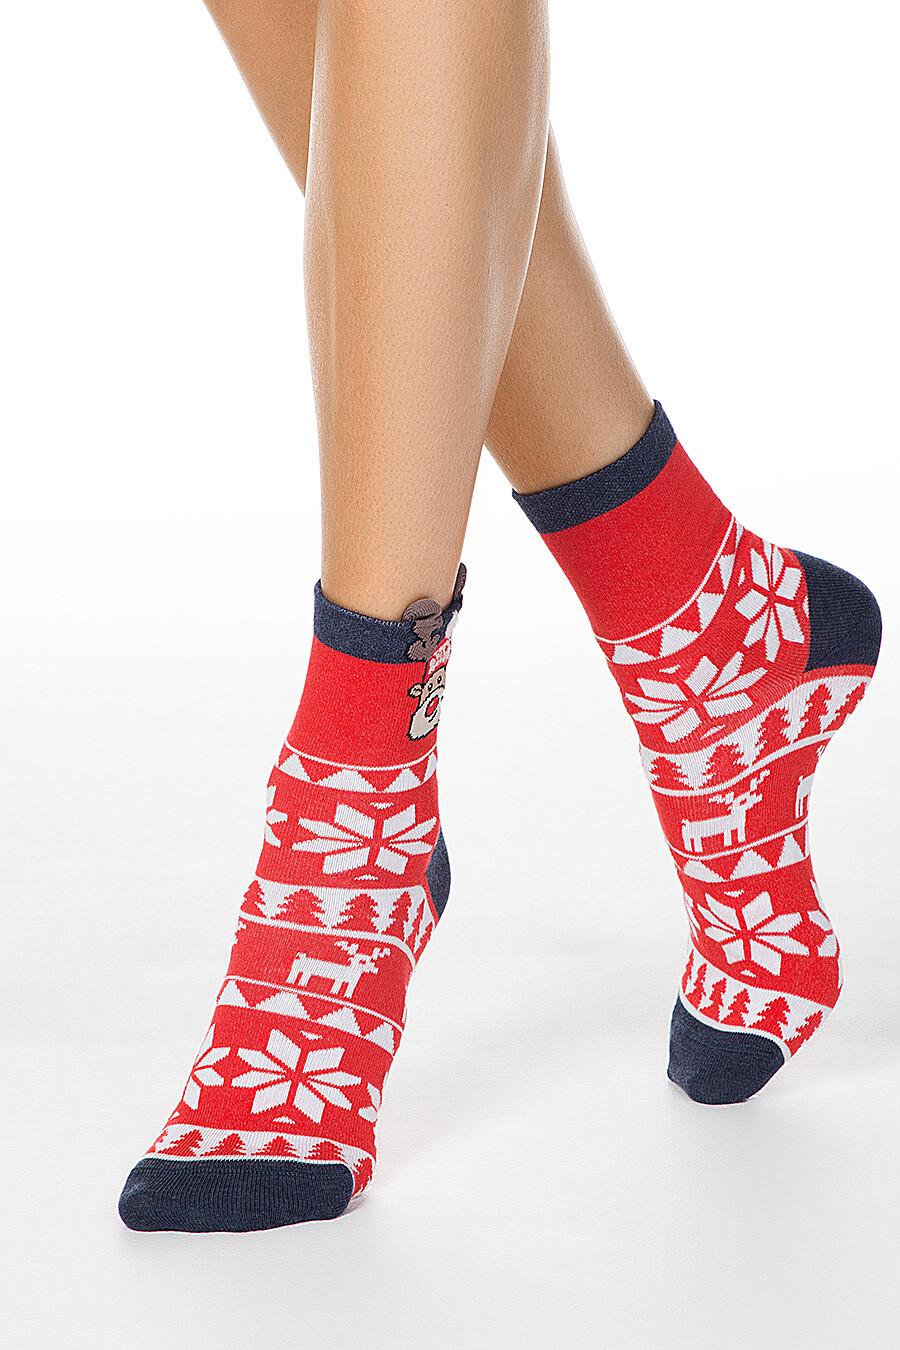 Носки для женщин CONTE ELEGANT 158446 купить оптом от производителя. Совместная покупка женской одежды в OptMoyo